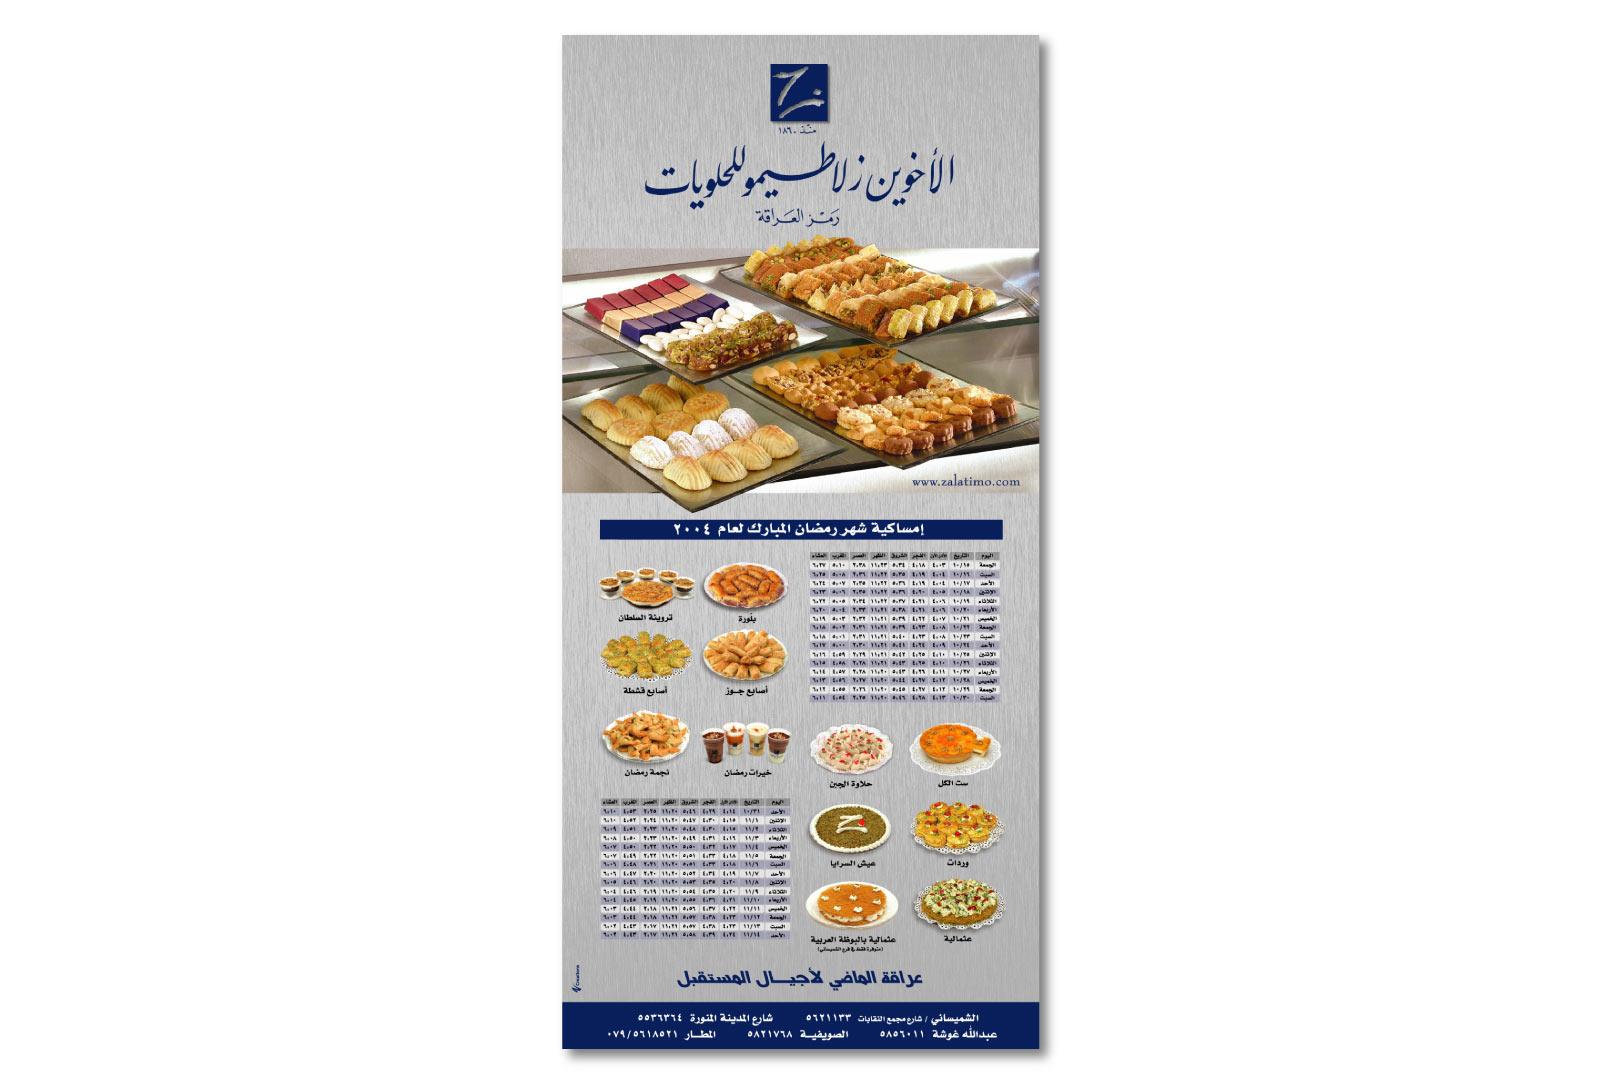 Zalatimo Imsakiyyet Ramadan 2004design